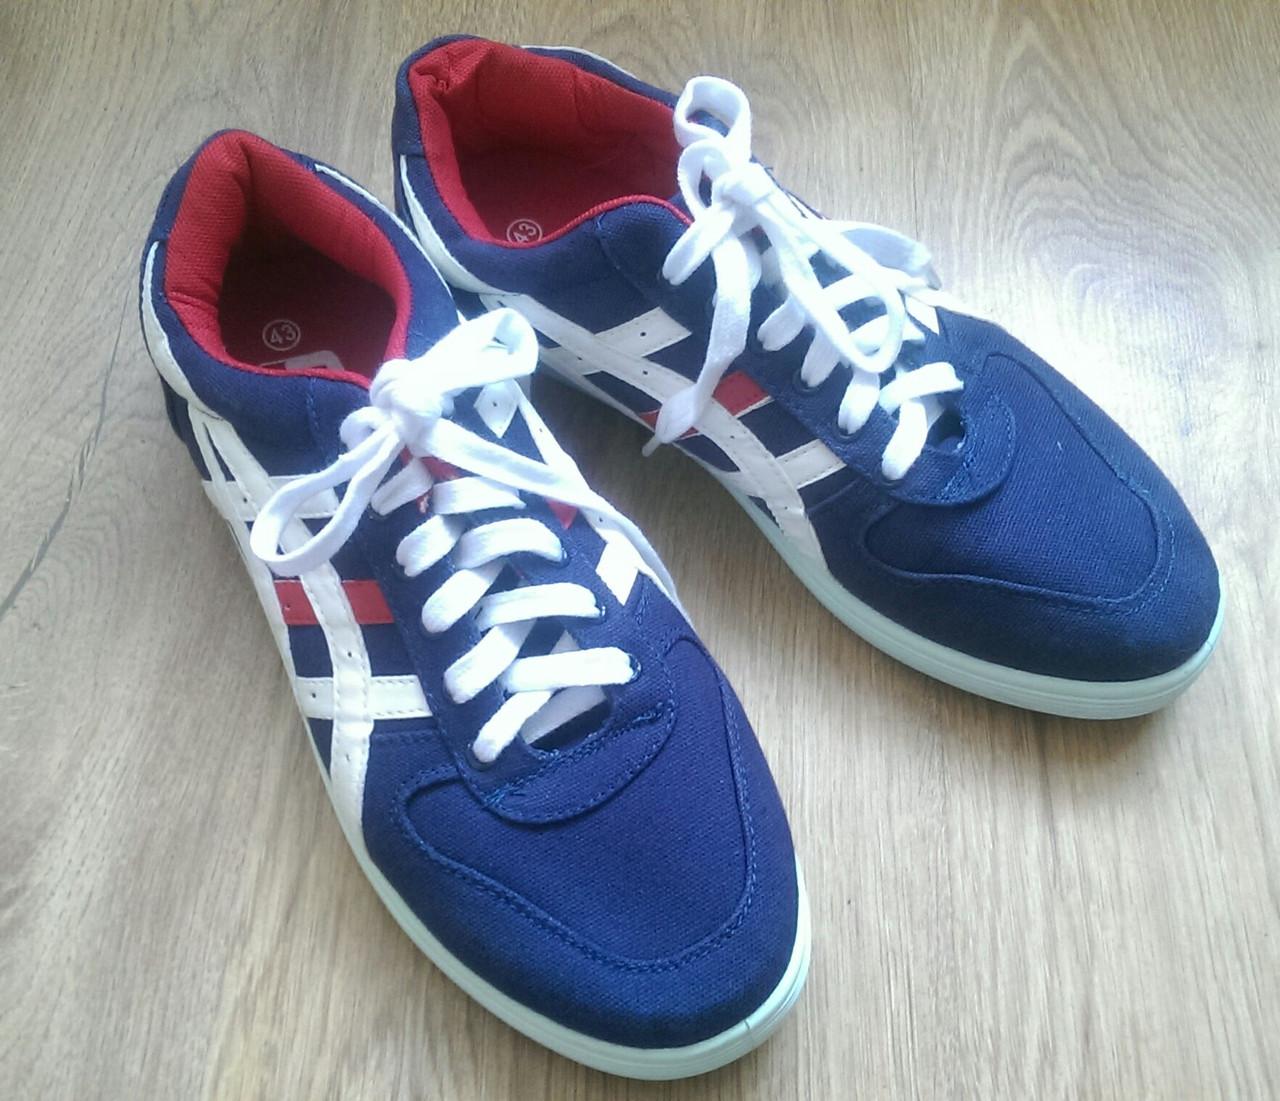 Крепкие кроссовки в стиле Asics 41 (26,5 см) размеры 5